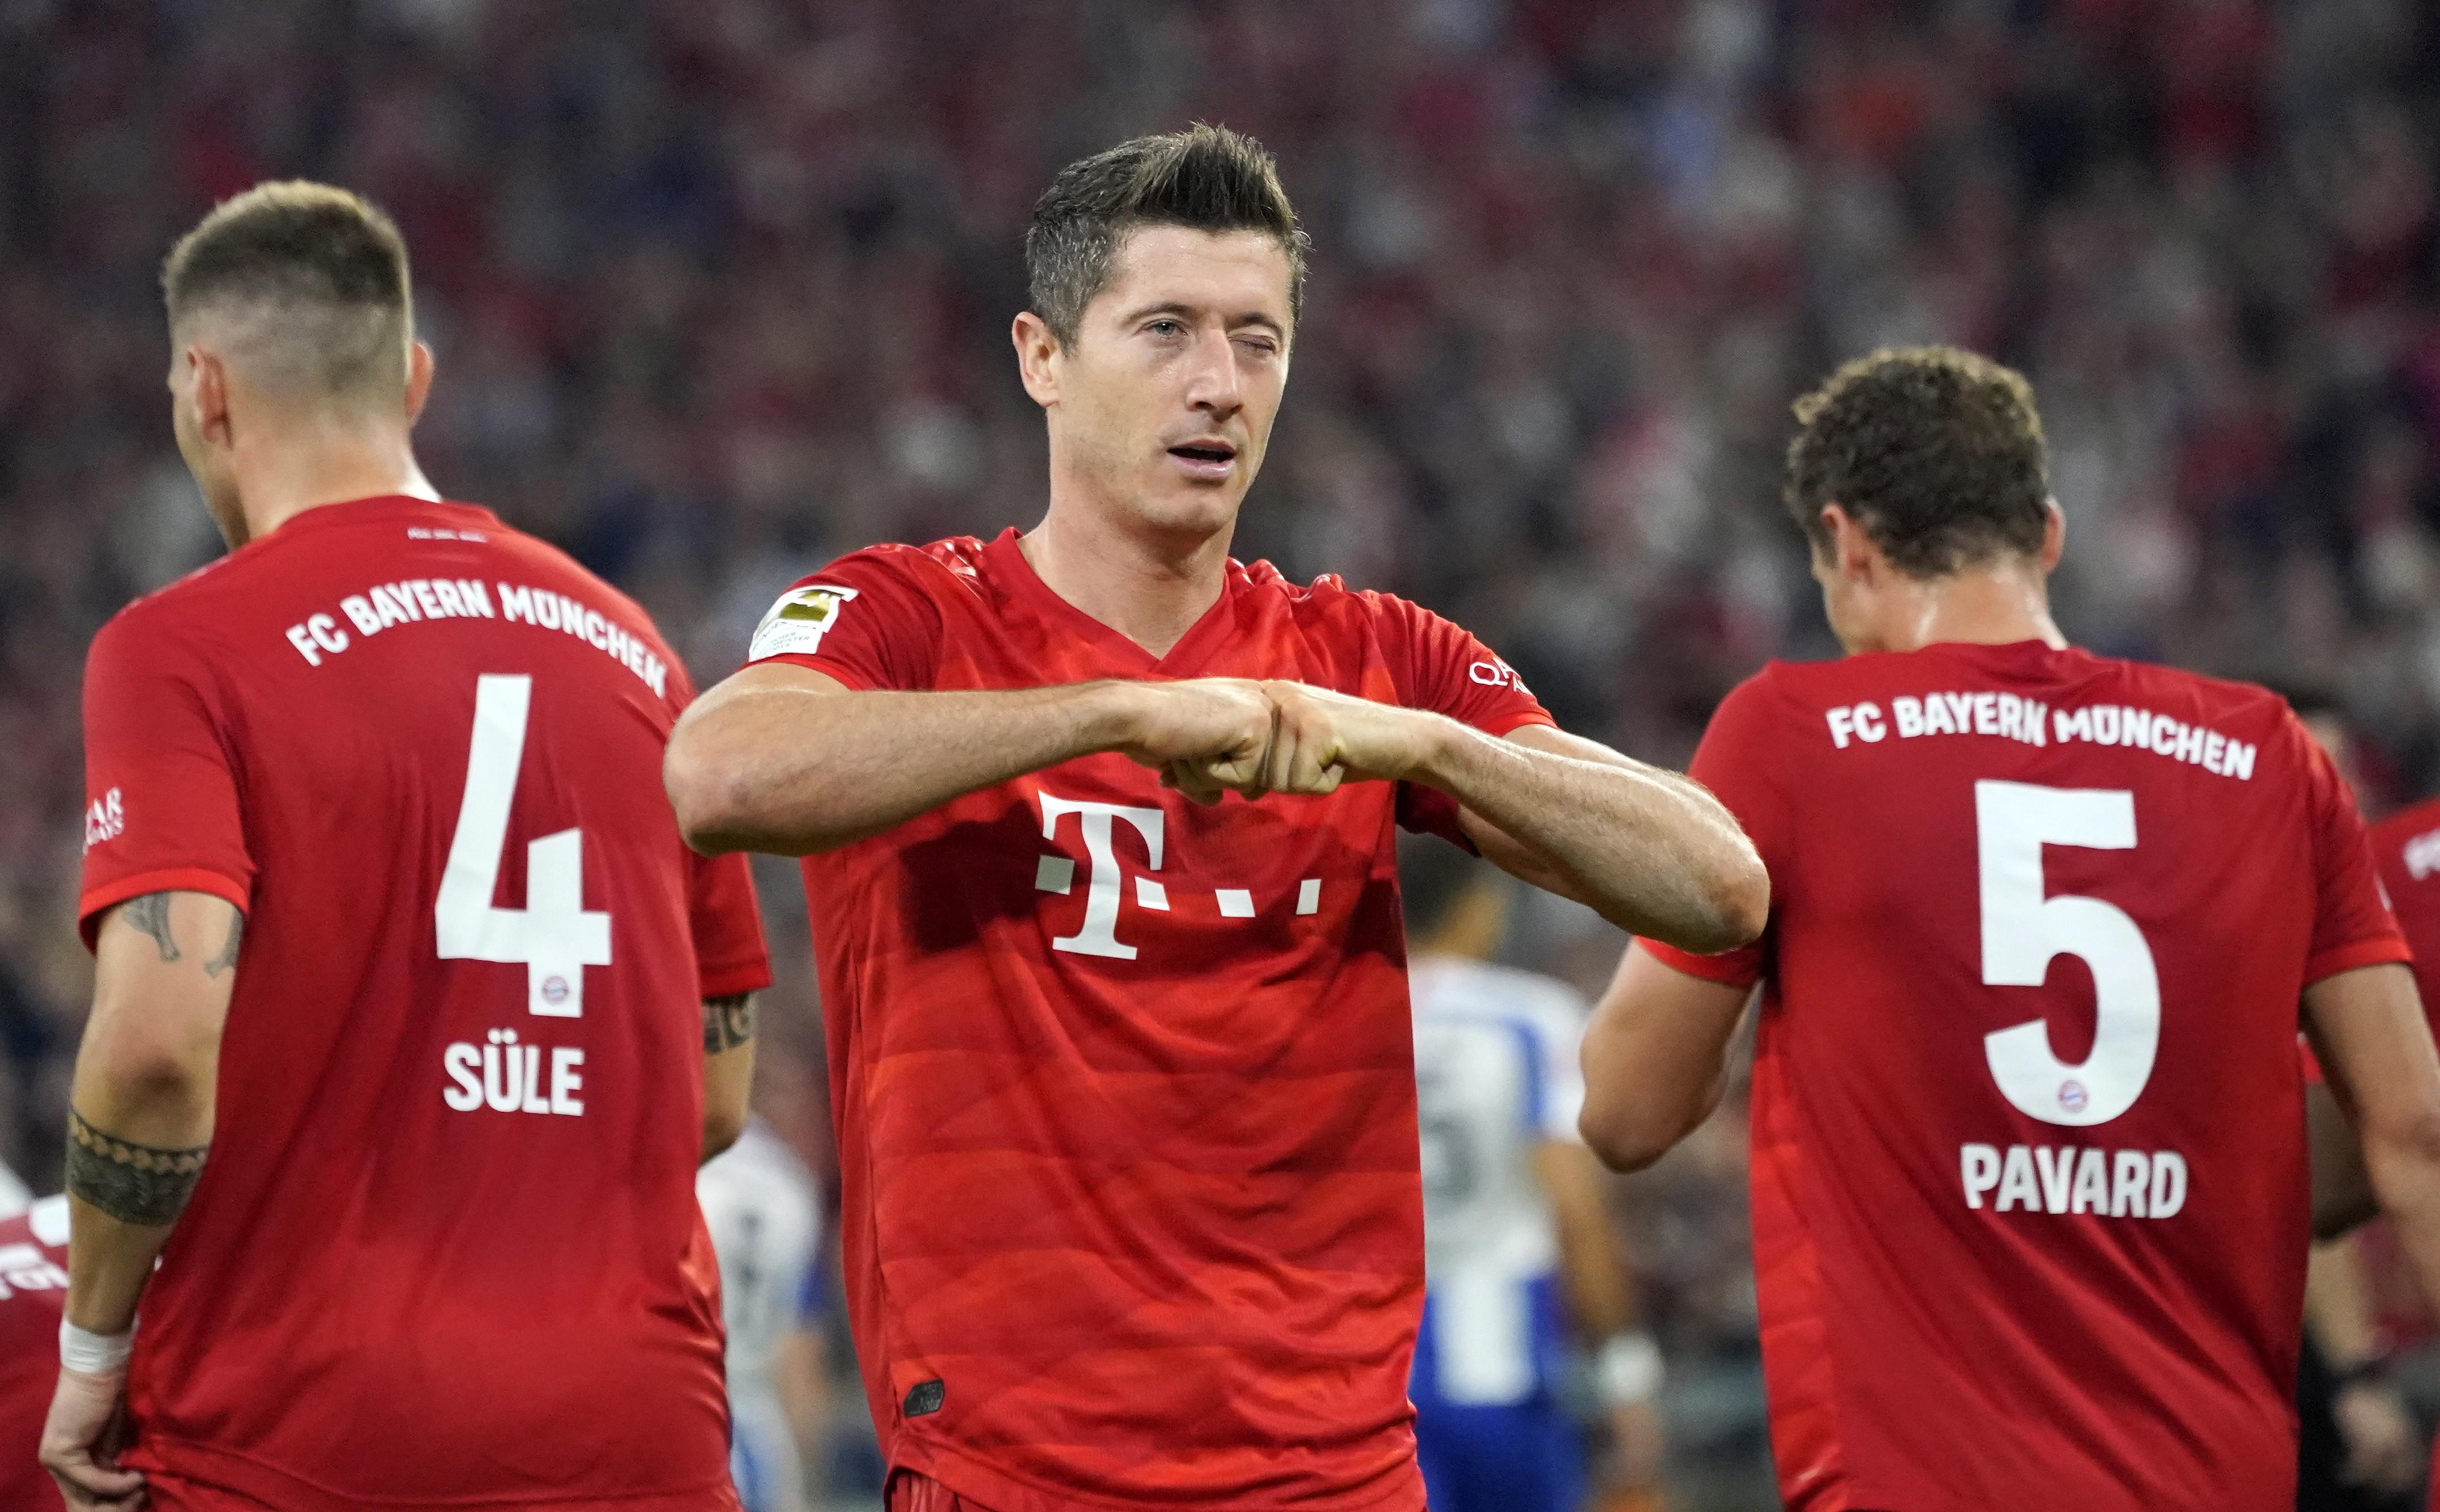 Liga Mistrzów. FC Barcelona - Bayern. Gorąco w mediach przed meczem. Hiszpanie piszą o prowokacjach - Sport WP SportoweFakty